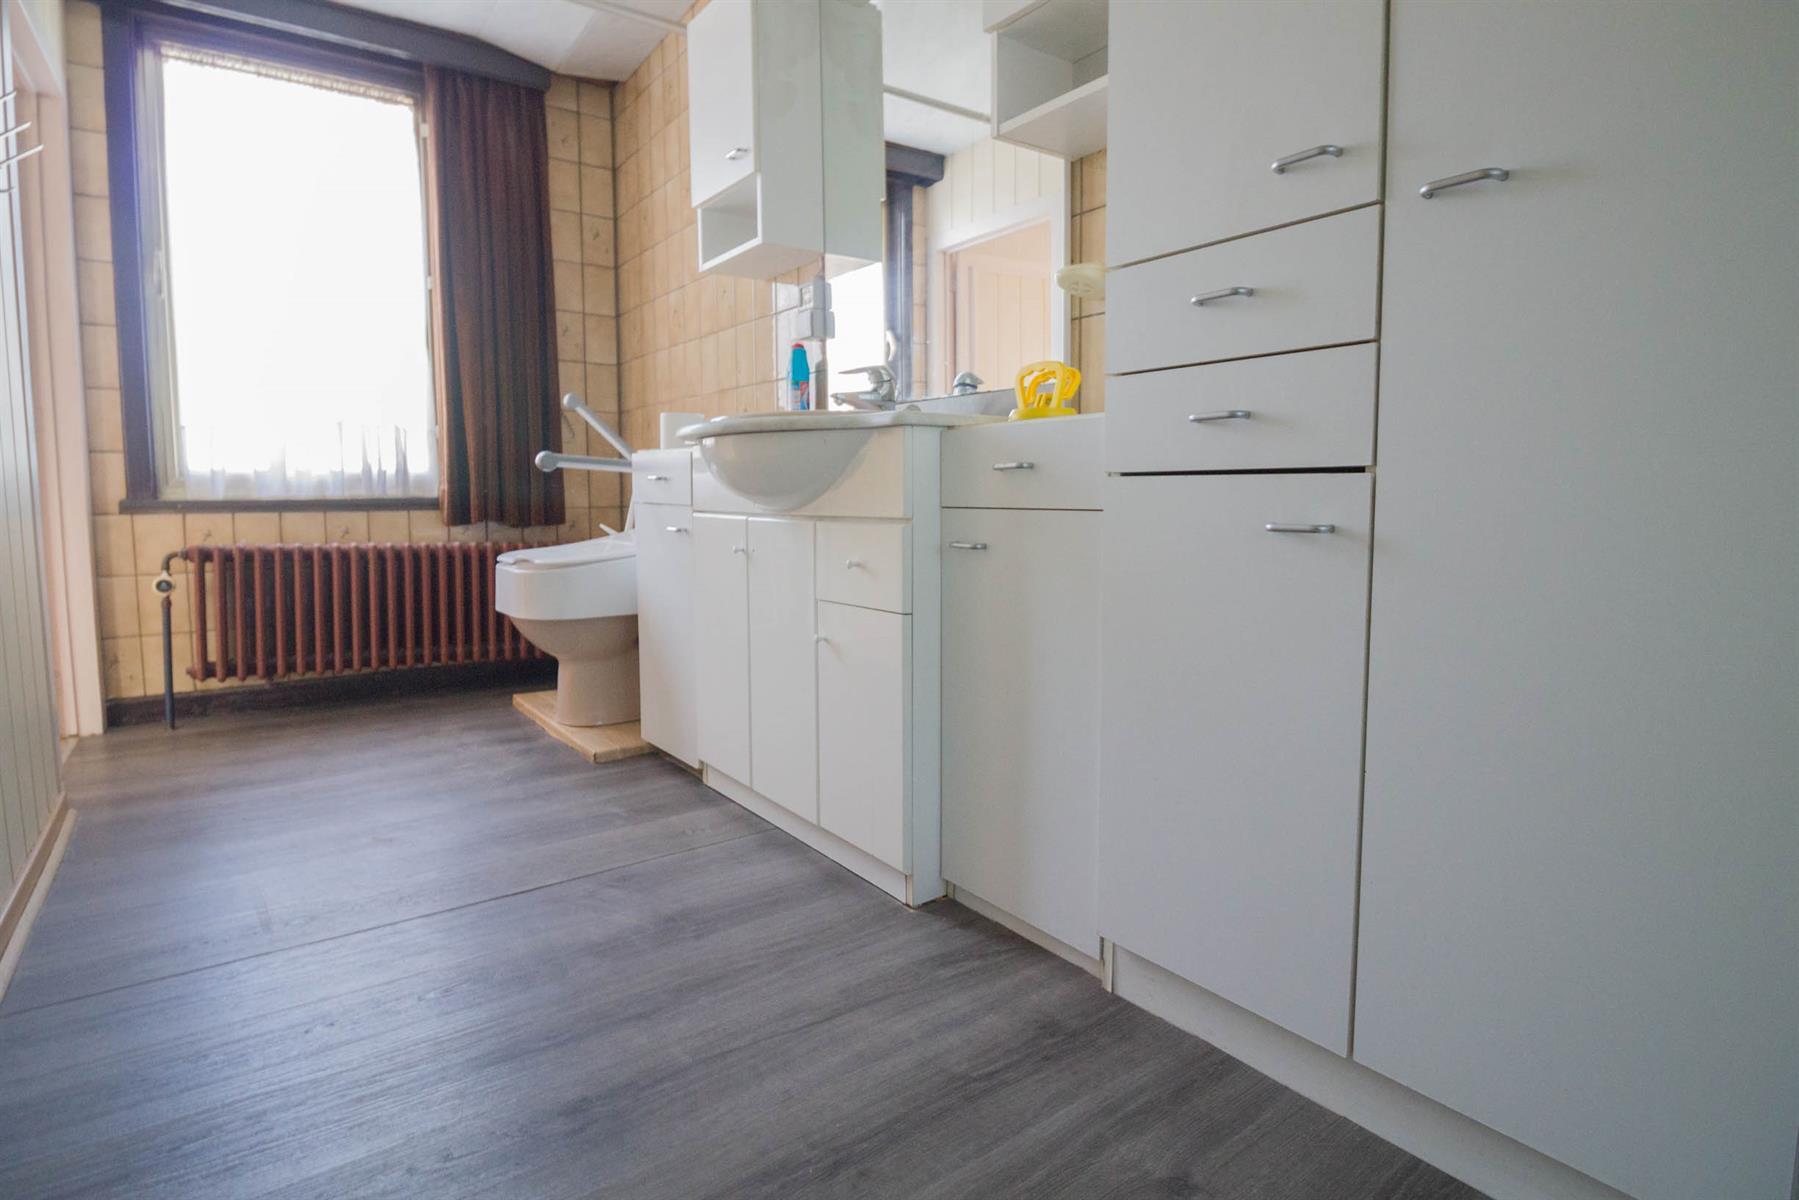 Maison - Trazegnies - #4344336-17